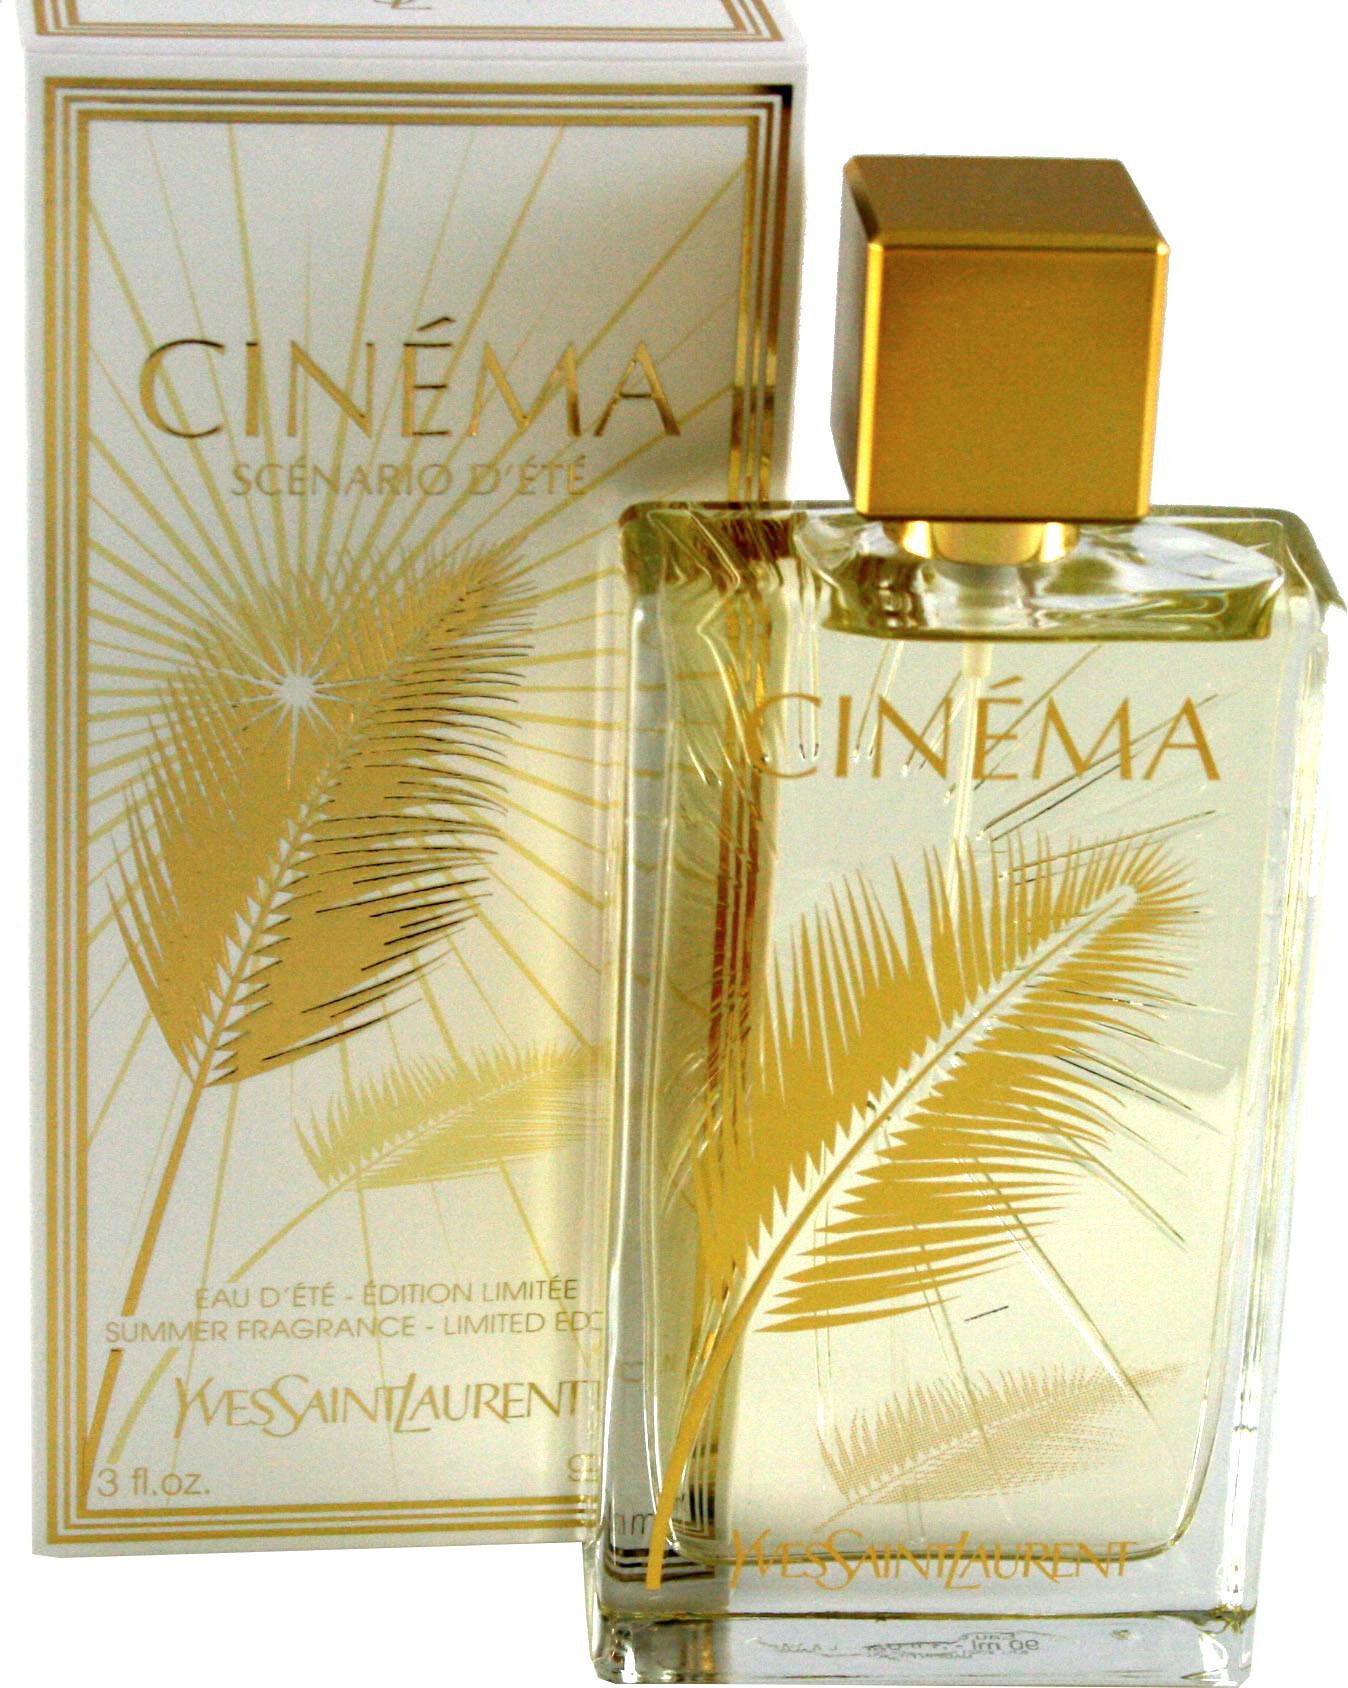 Buy Yves Saint Laurent Cinema Summer Fragrance Eau De Toilette 90